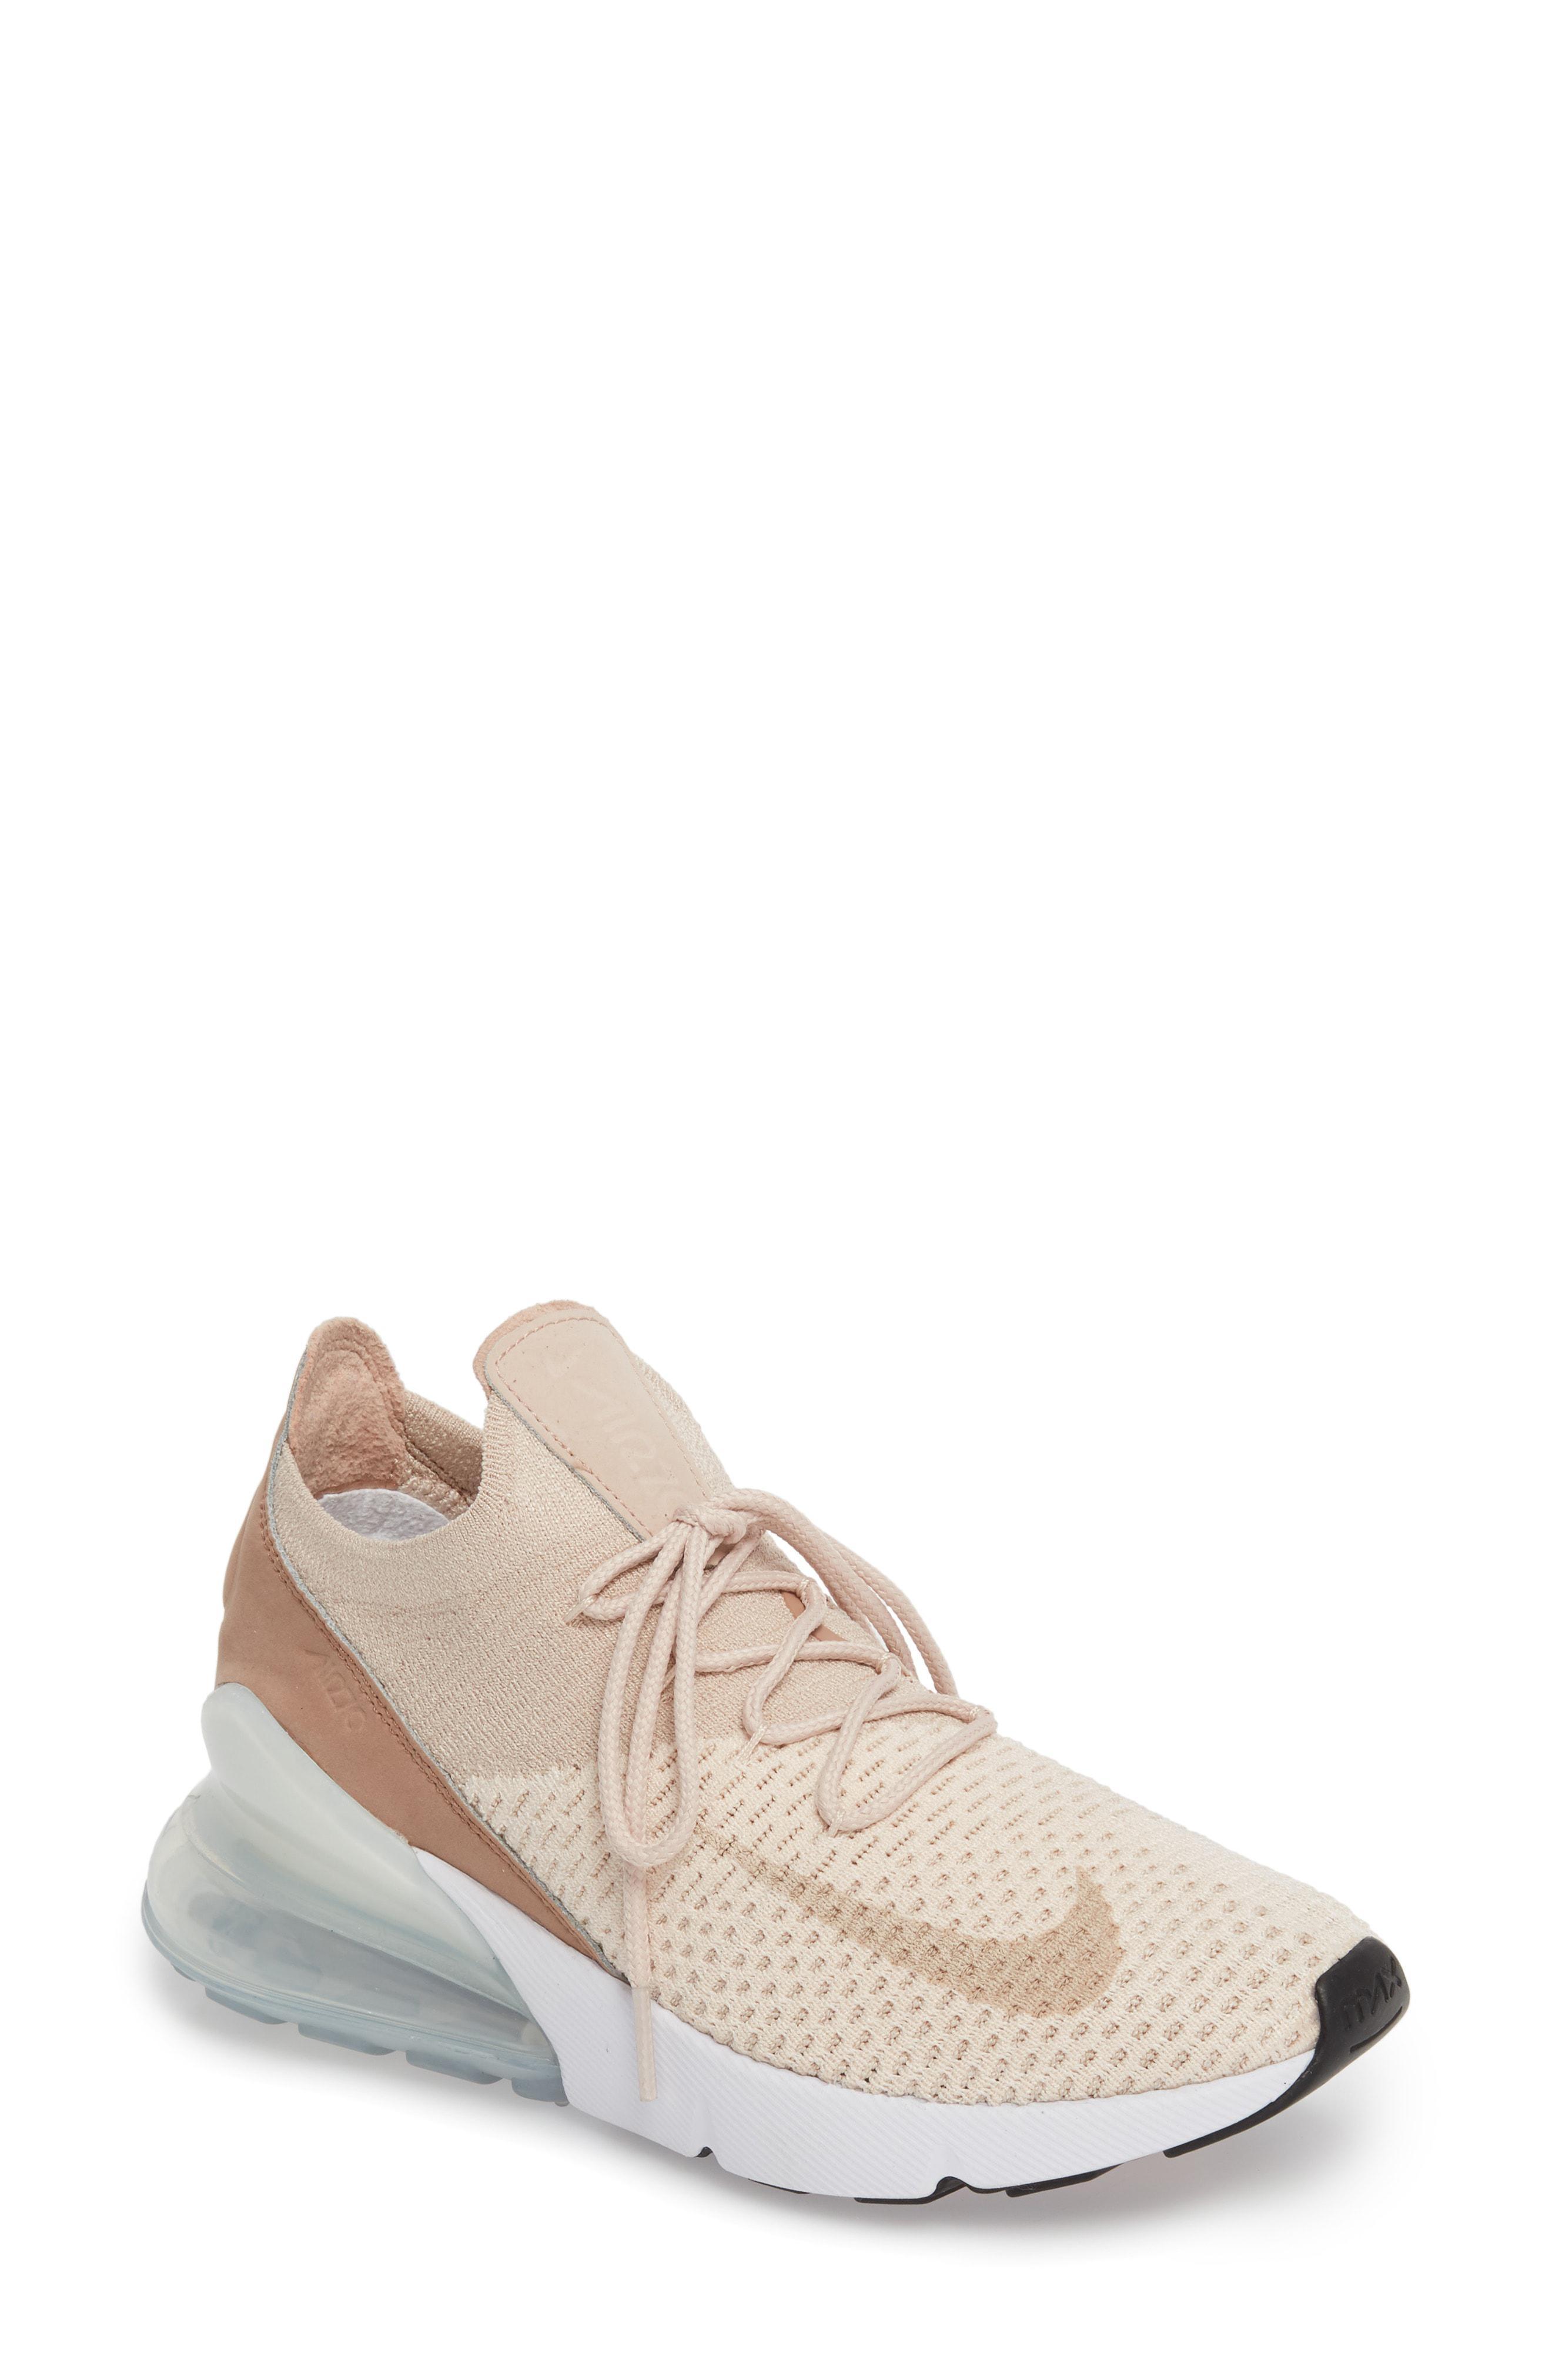 Nike Air Max 270 Flyknit Sneaker (women